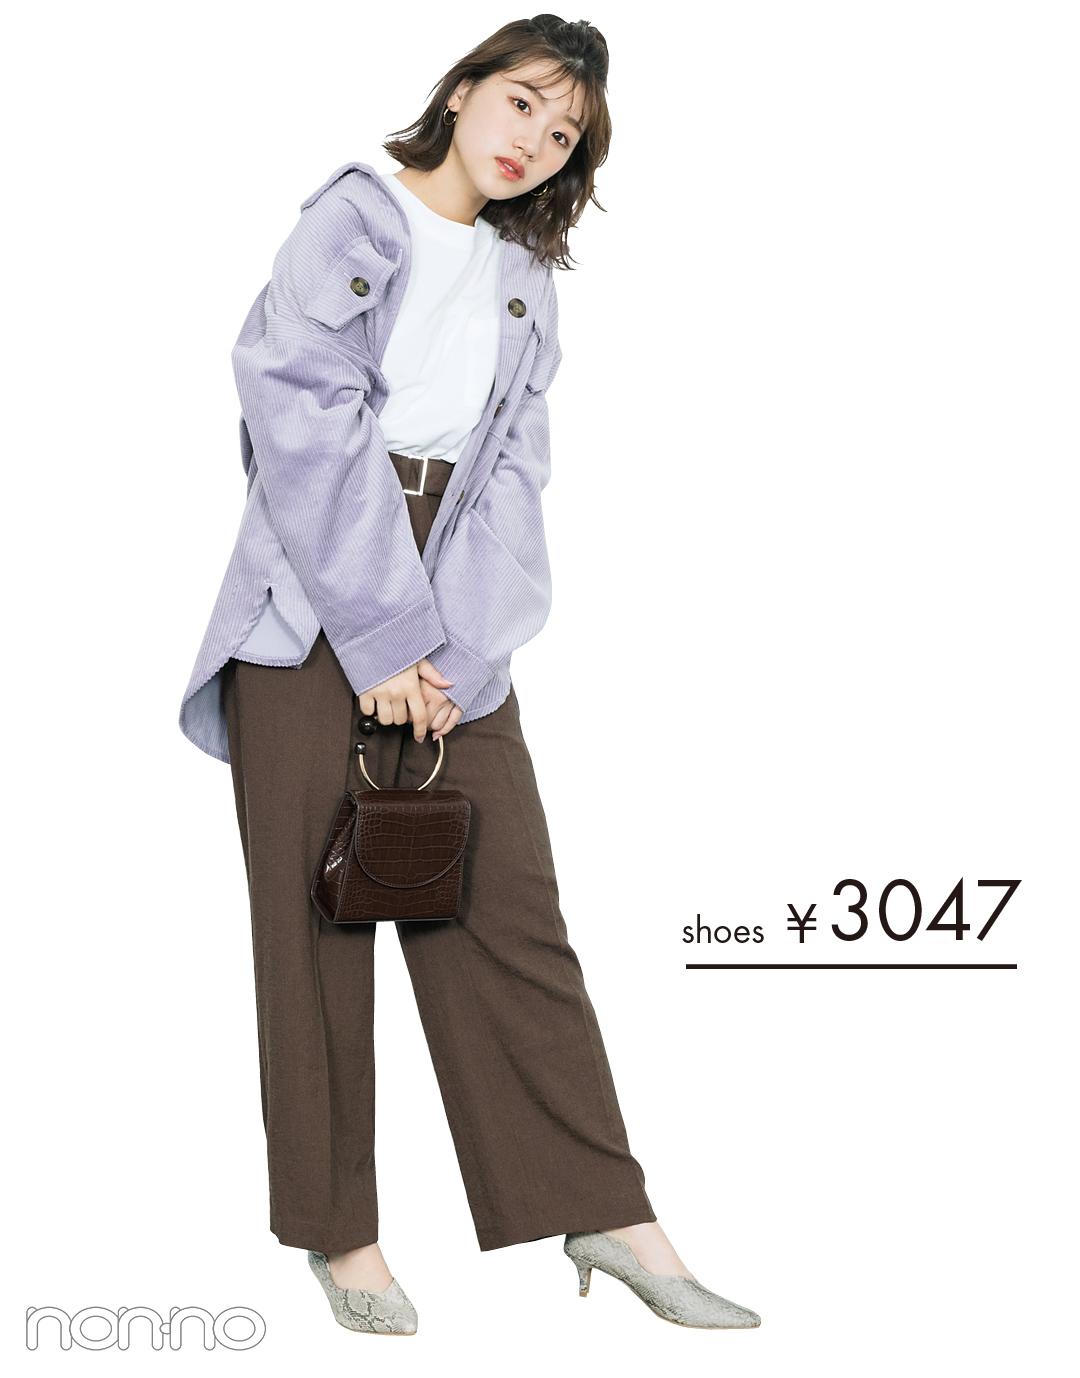 shoes ¥3047